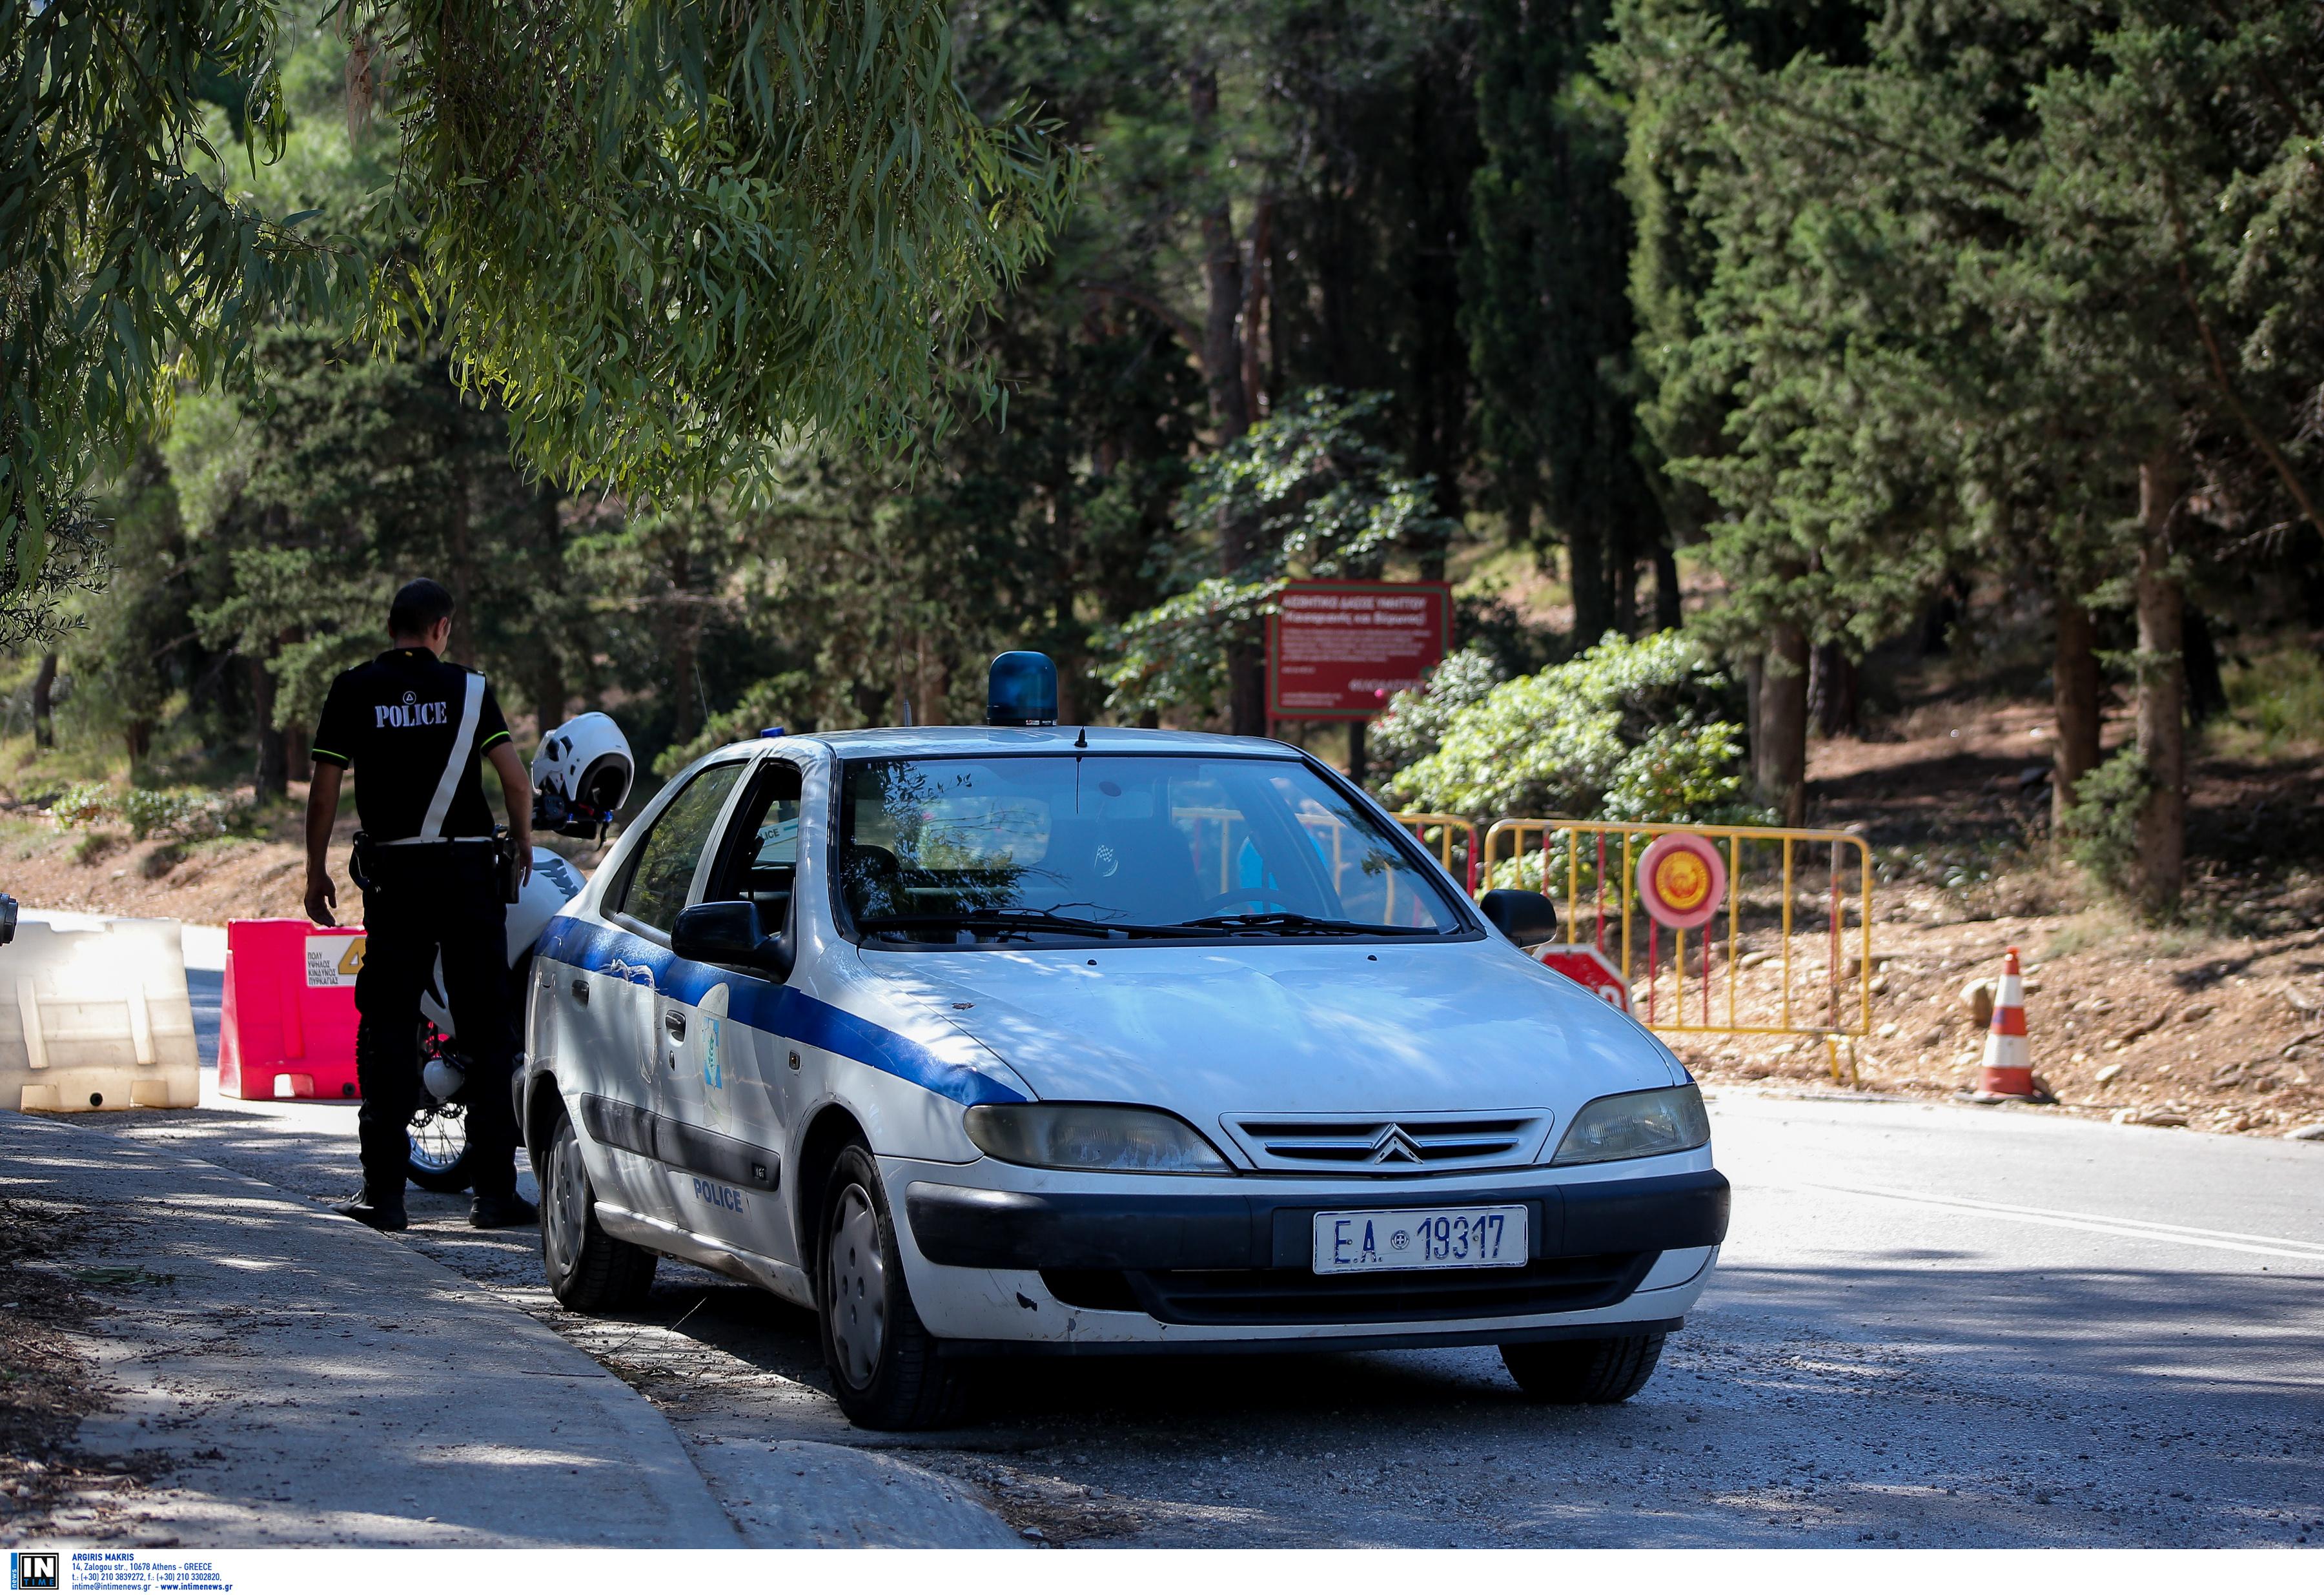 Κρήτη: Κτηνοτρόφος πυροβόλησε και σκότωσε κυνηγό – Απίστευτη αφορμή πίσω από το φονικό!